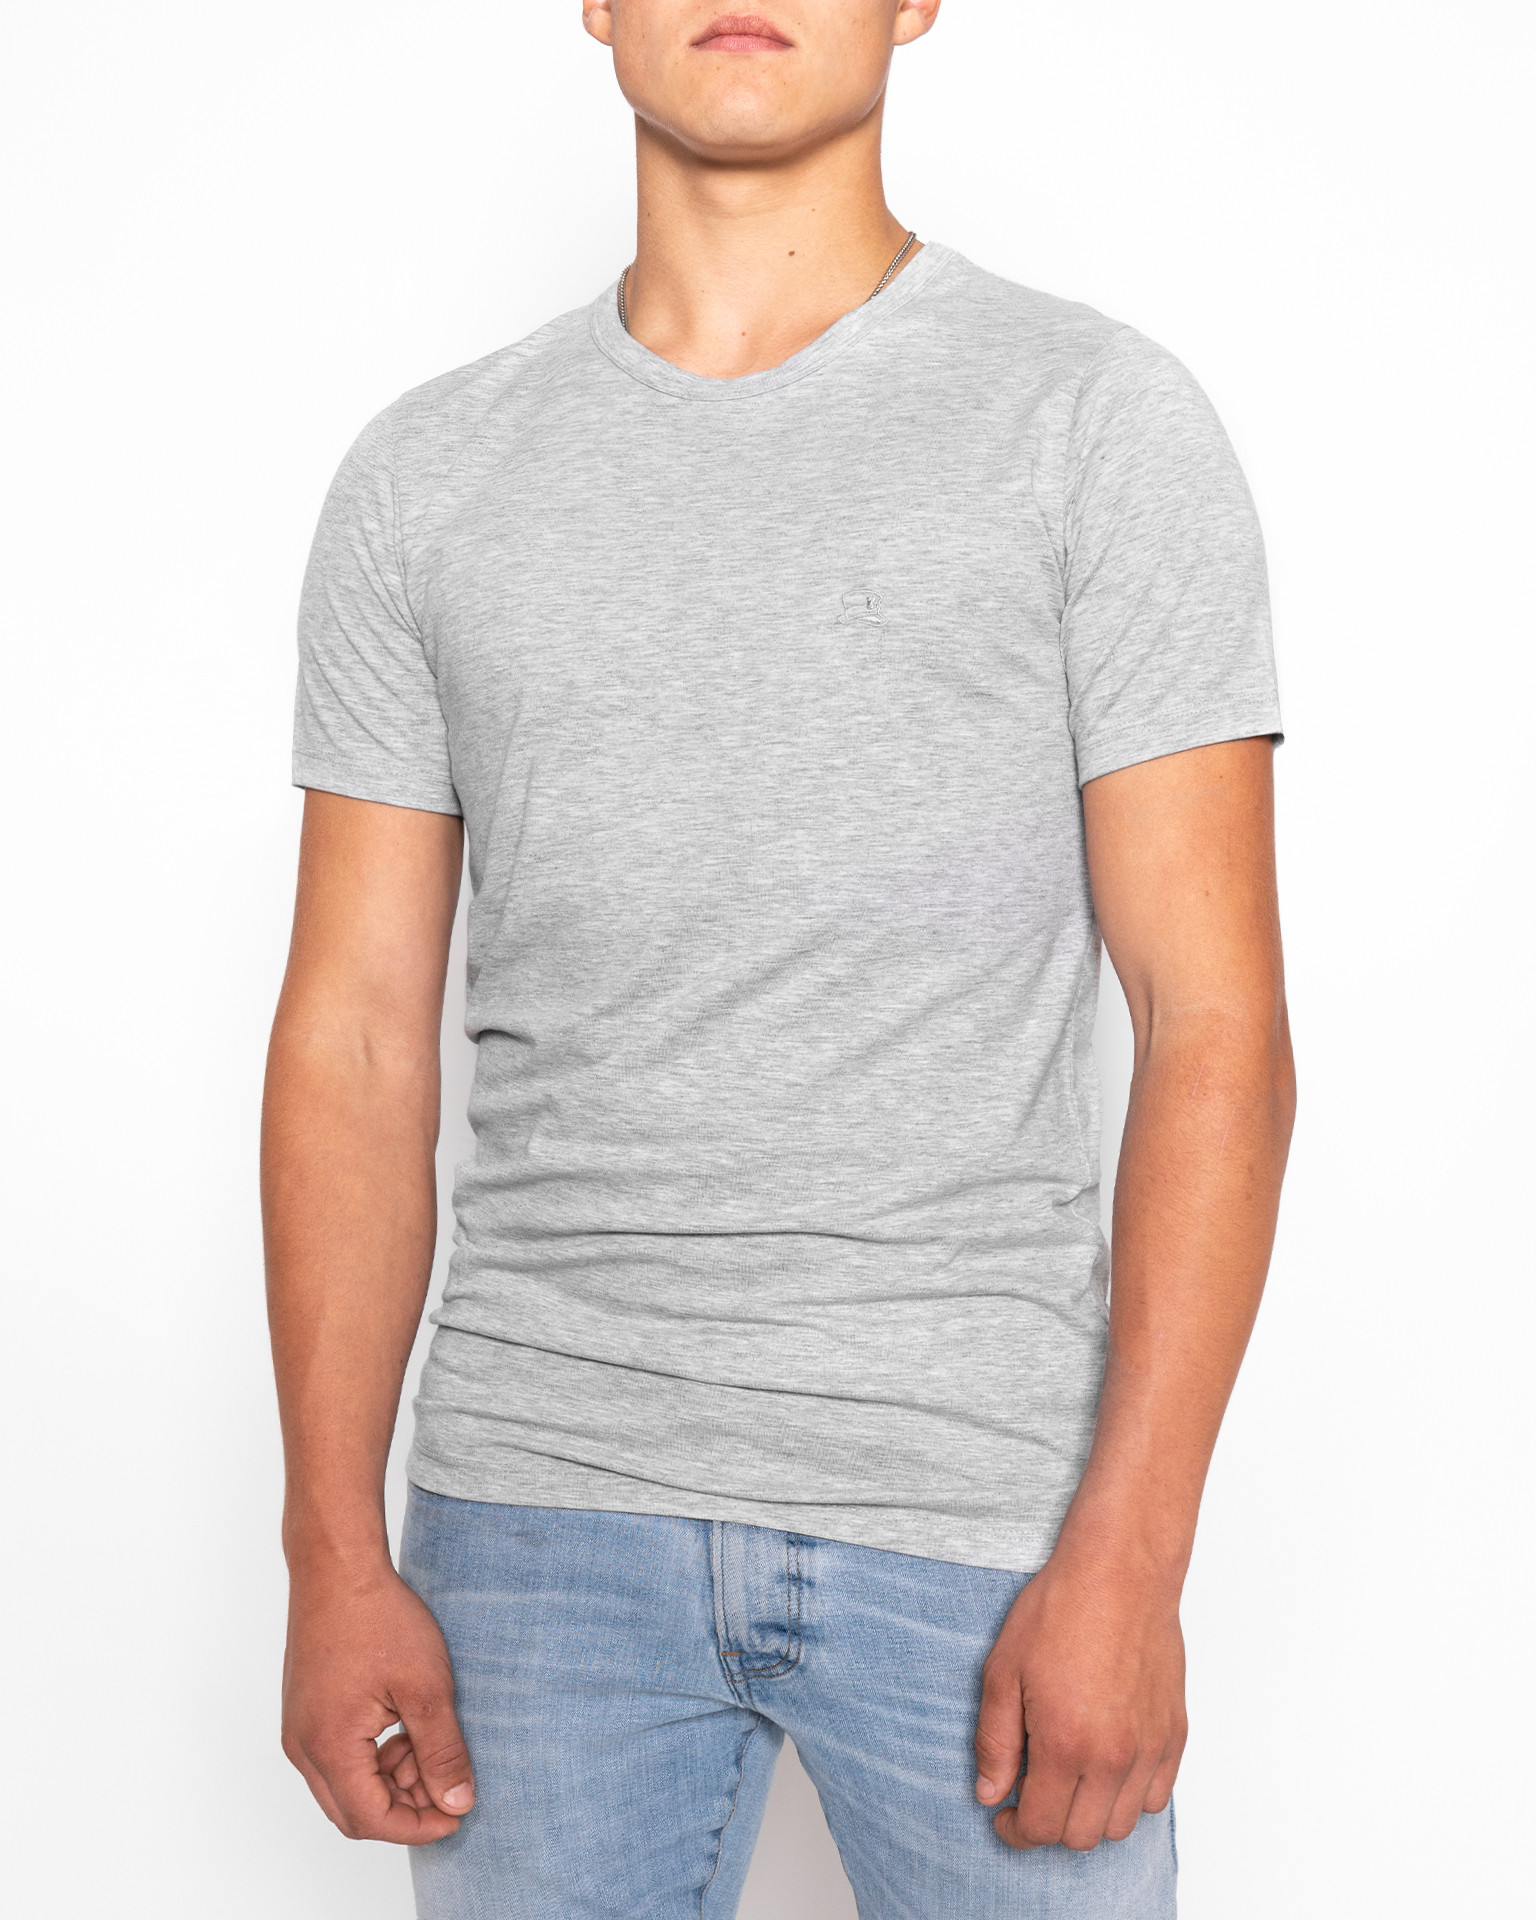 T-Shirt   Basic Slim   Grau-Meliert